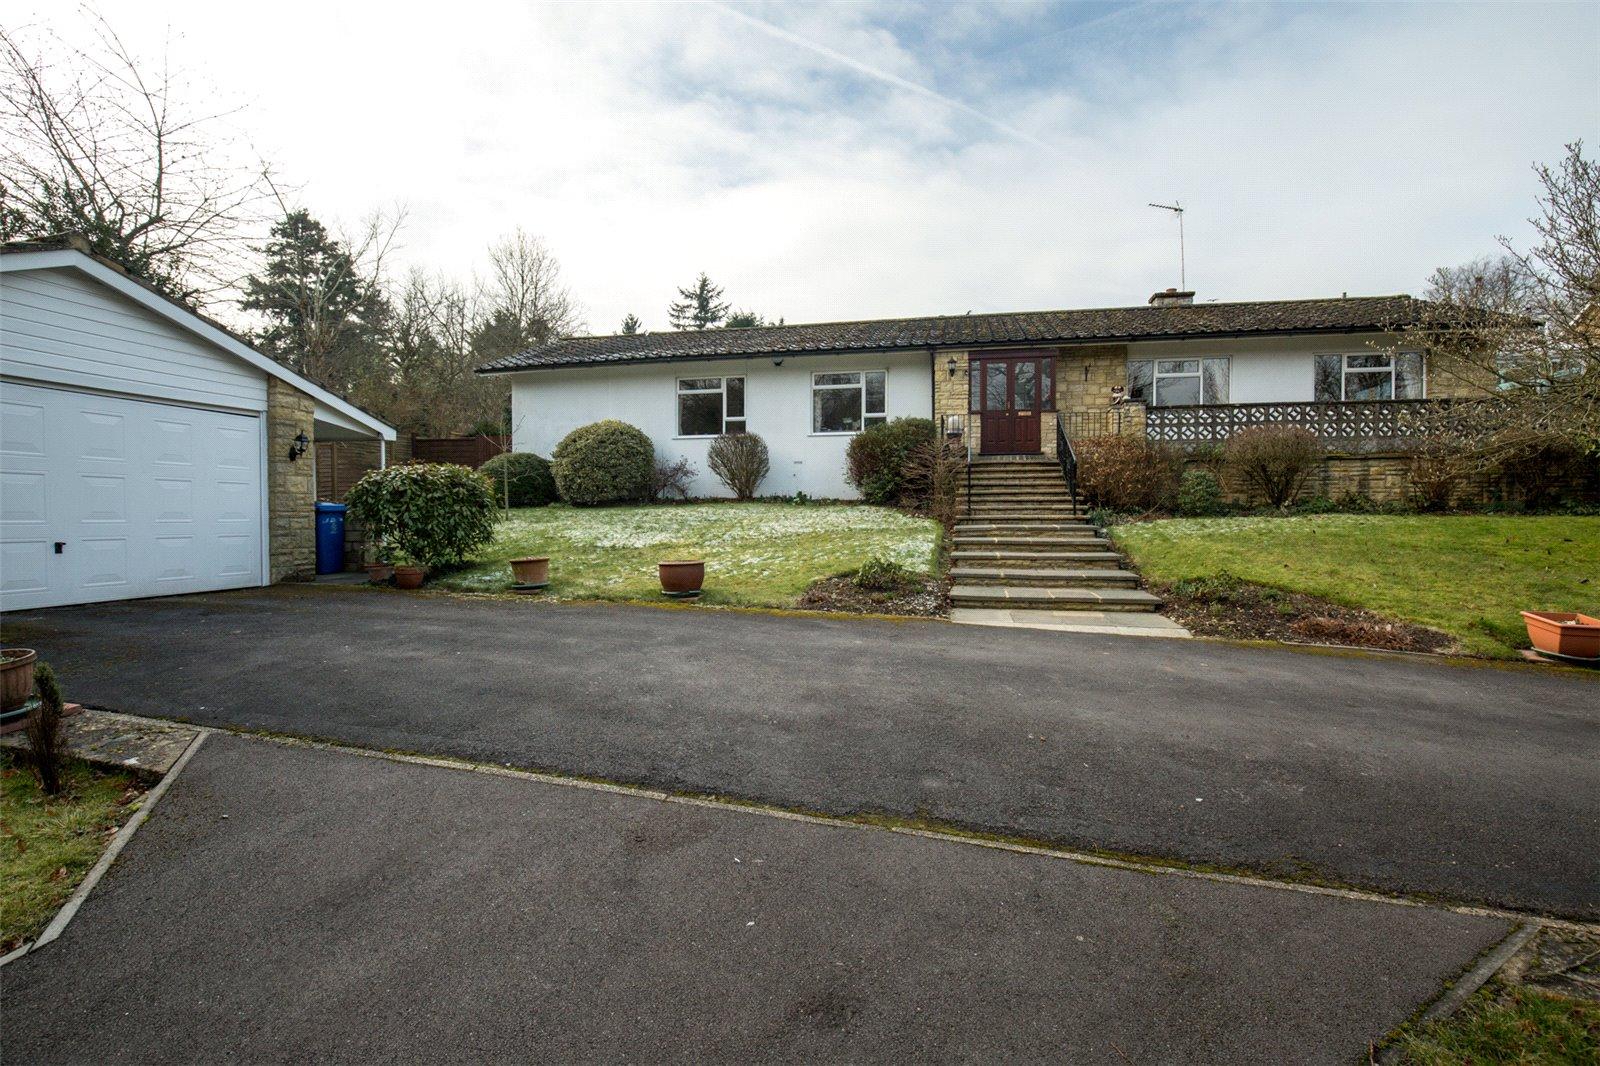 3 Bedrooms Detached Bungalow for sale in Dean Lane, Cookham Dean, Berkshire, SL6